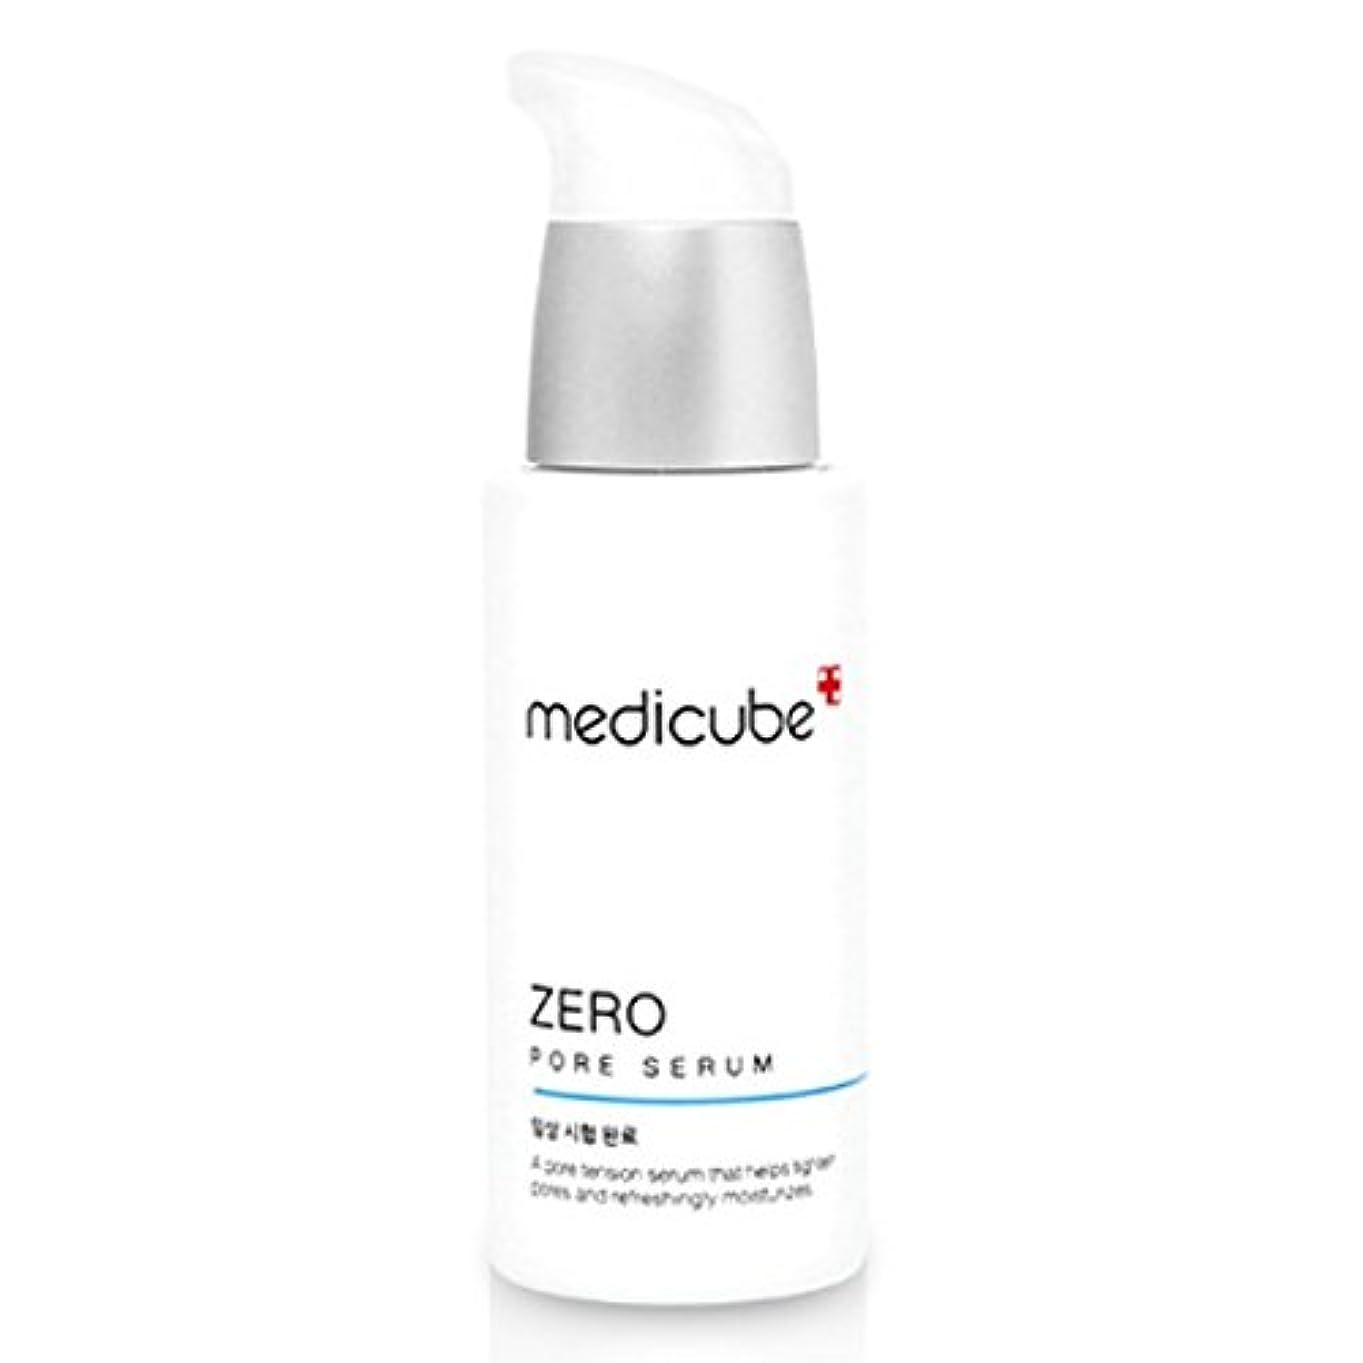 アーサーコナンドイル作成する後ろ、背後、背面(部[Medicube メディキューブ] ゼロポアセラム 27ml / Zero Pore Serum 27ml [並行輸入品]